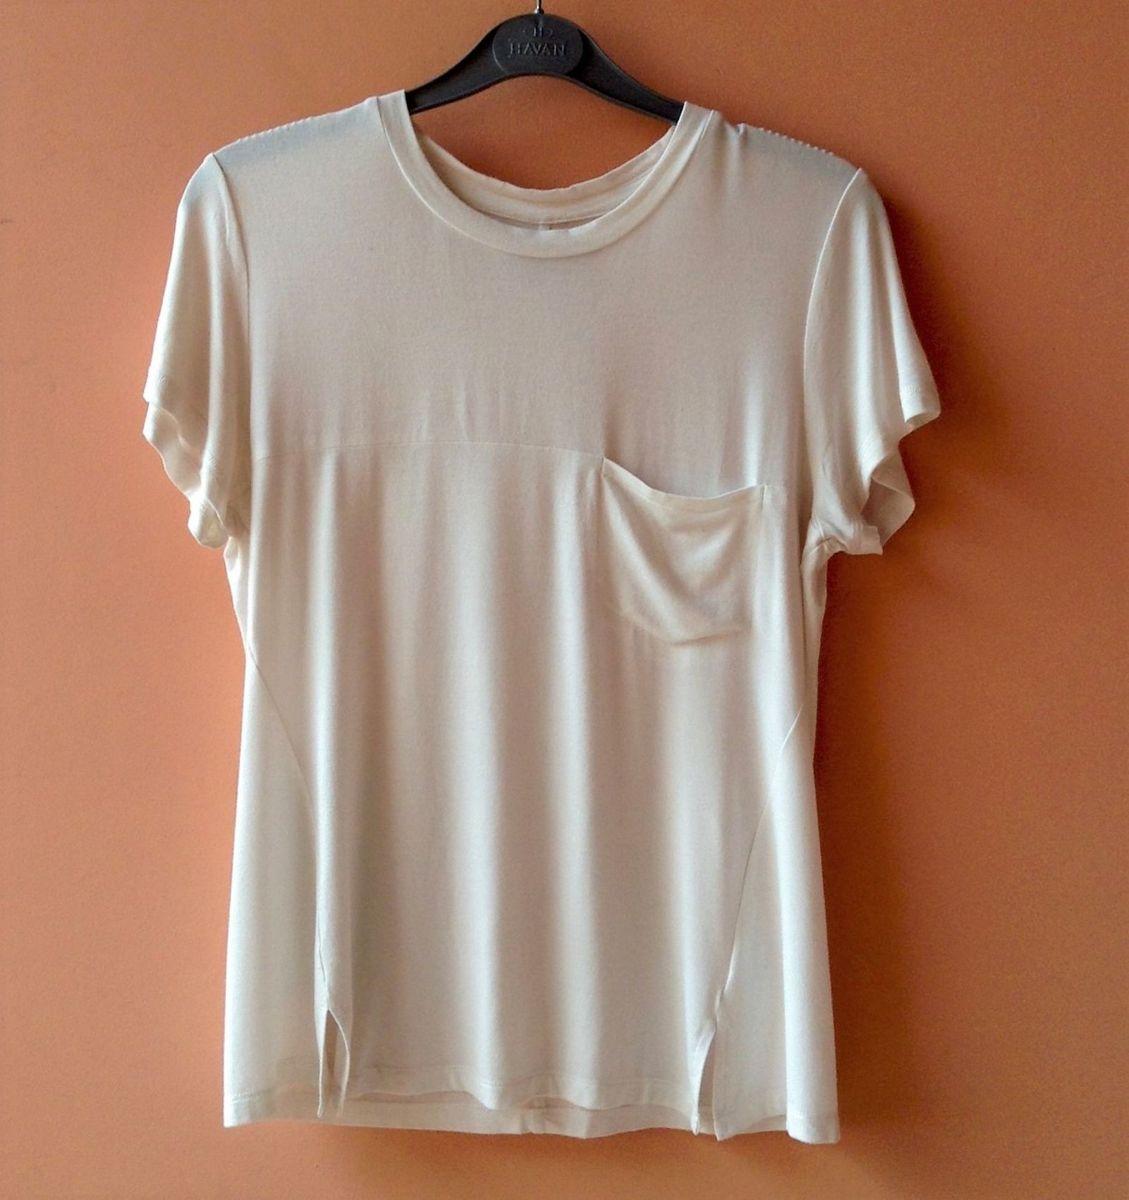 camiseta cori p nova - camisetas cori.  Czm6ly9wag90b3muzw5qb2vplmnvbs5ici9wcm9kdwn0cy81mzuwody3lzu1njcwzjllzdgyyjgyywjlnzk2yjfiymi0odmxyjjilmpwzw  ... 08d3e4e80455c